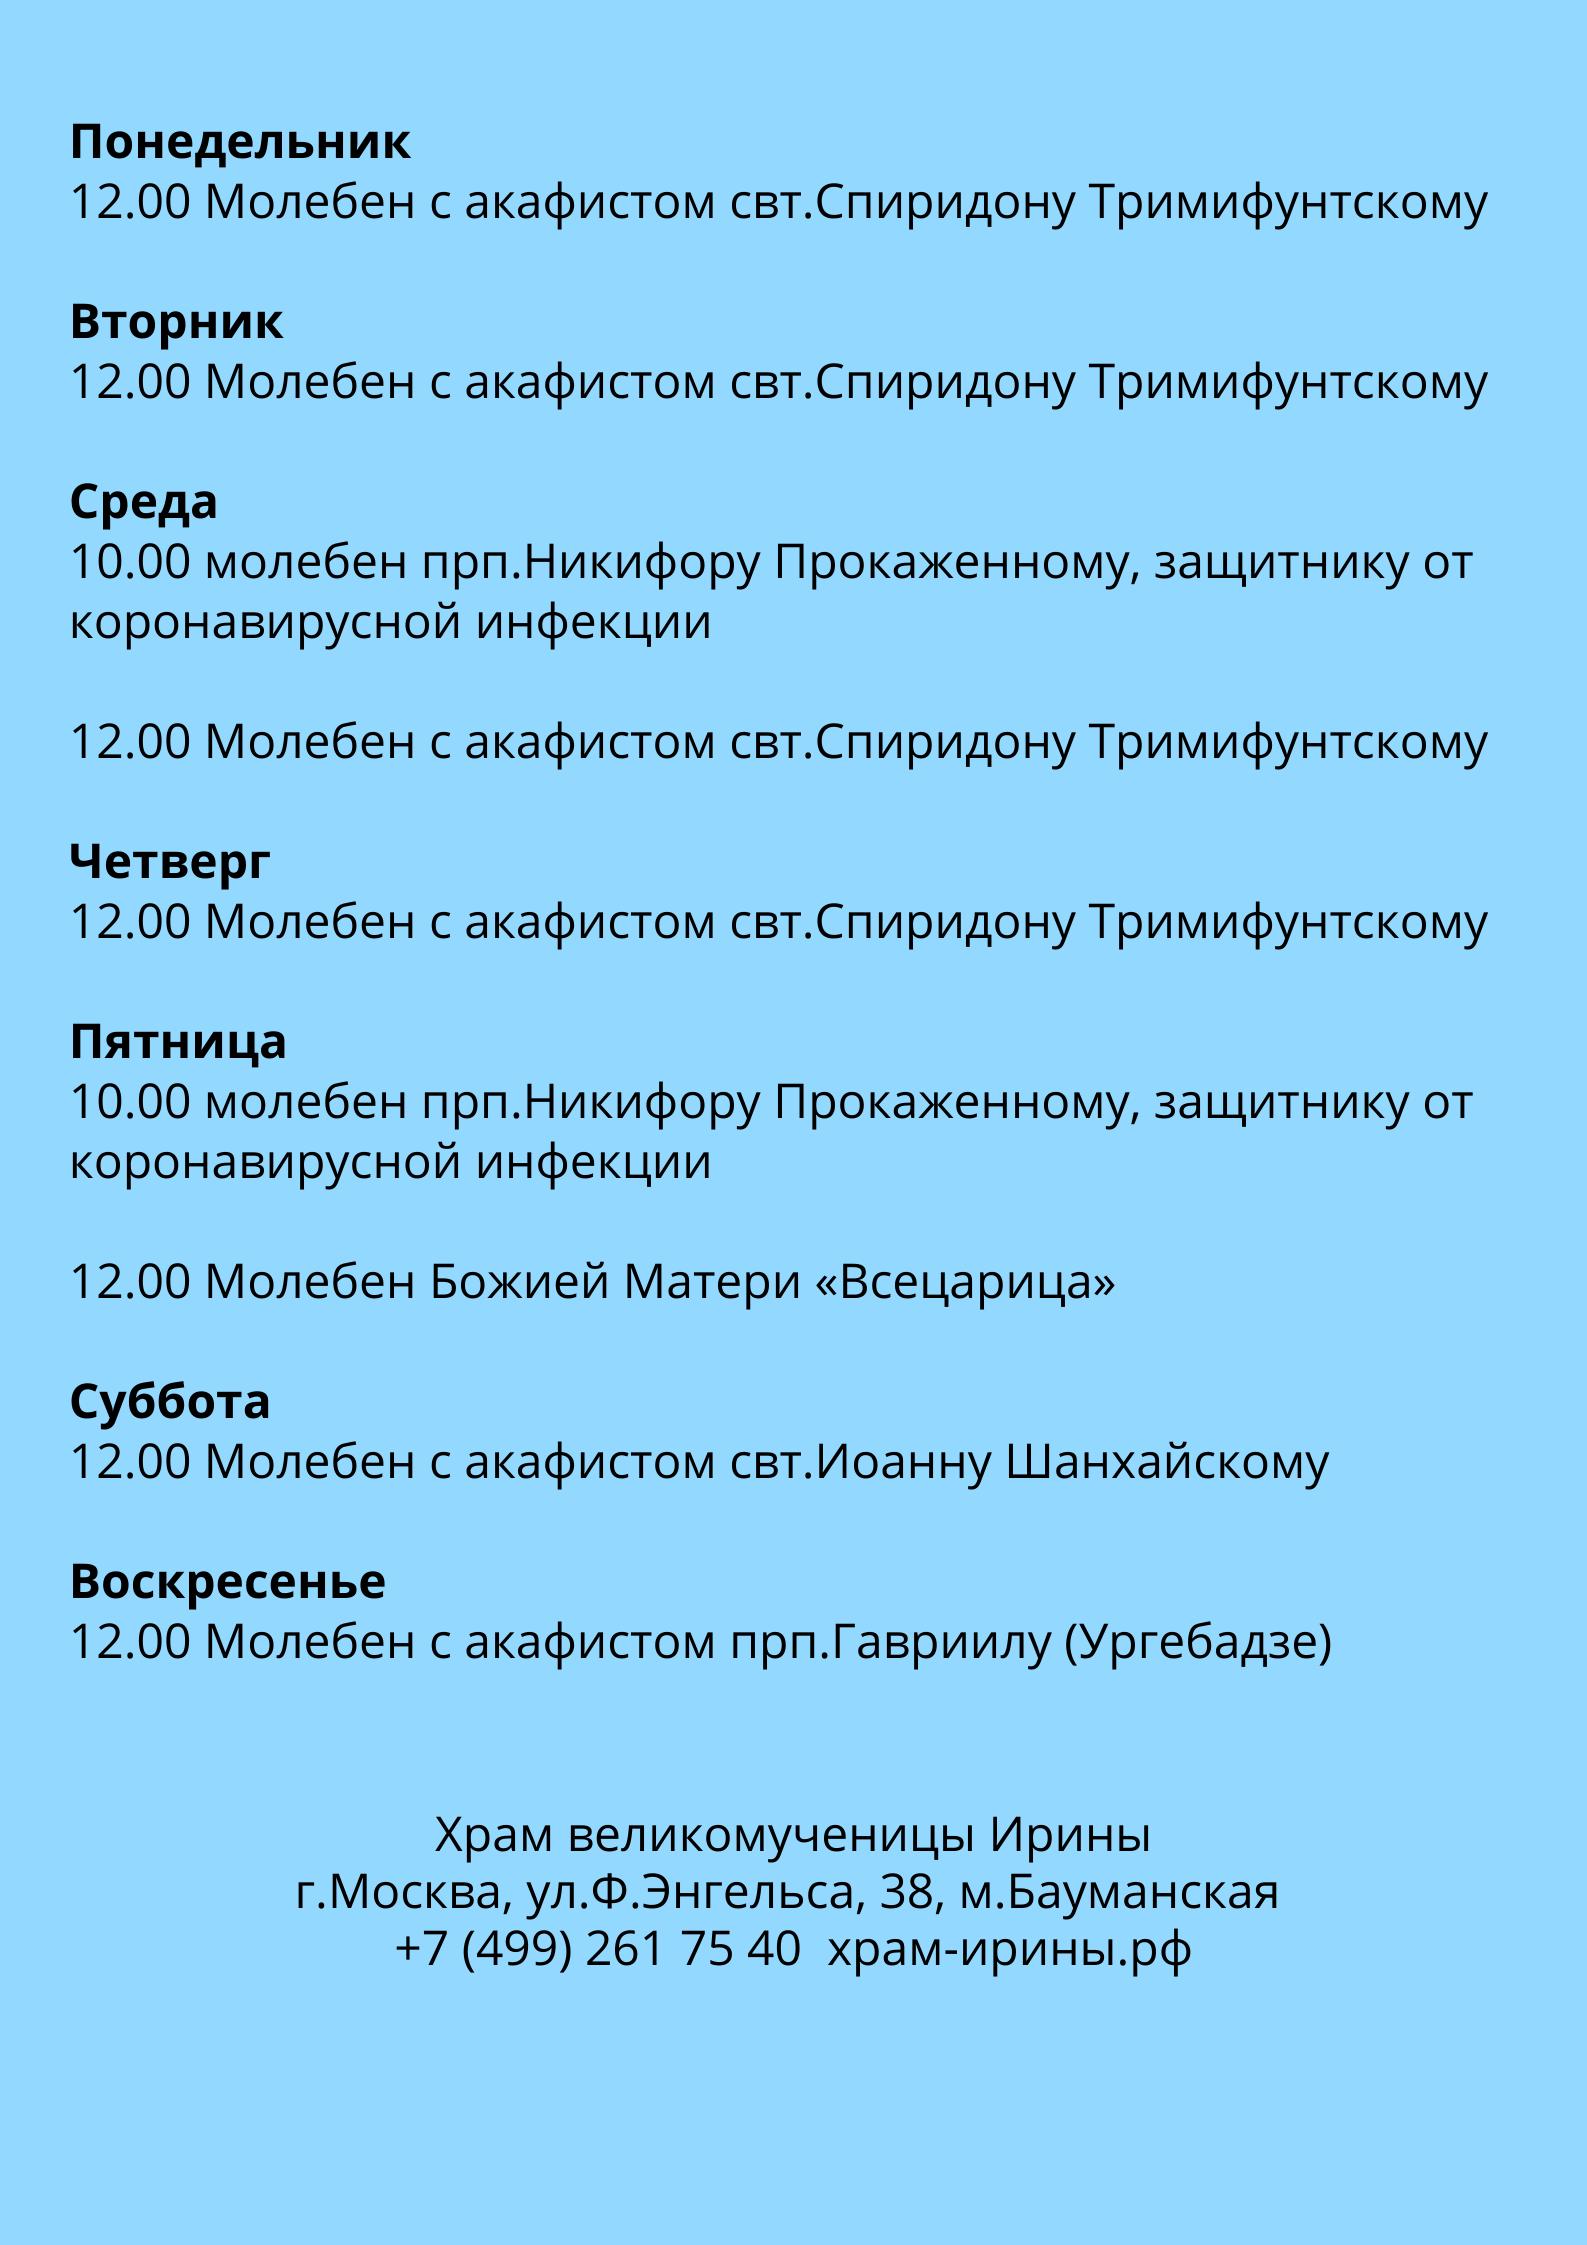 РАСПИСАНИЕ МОЛЕБНОВ